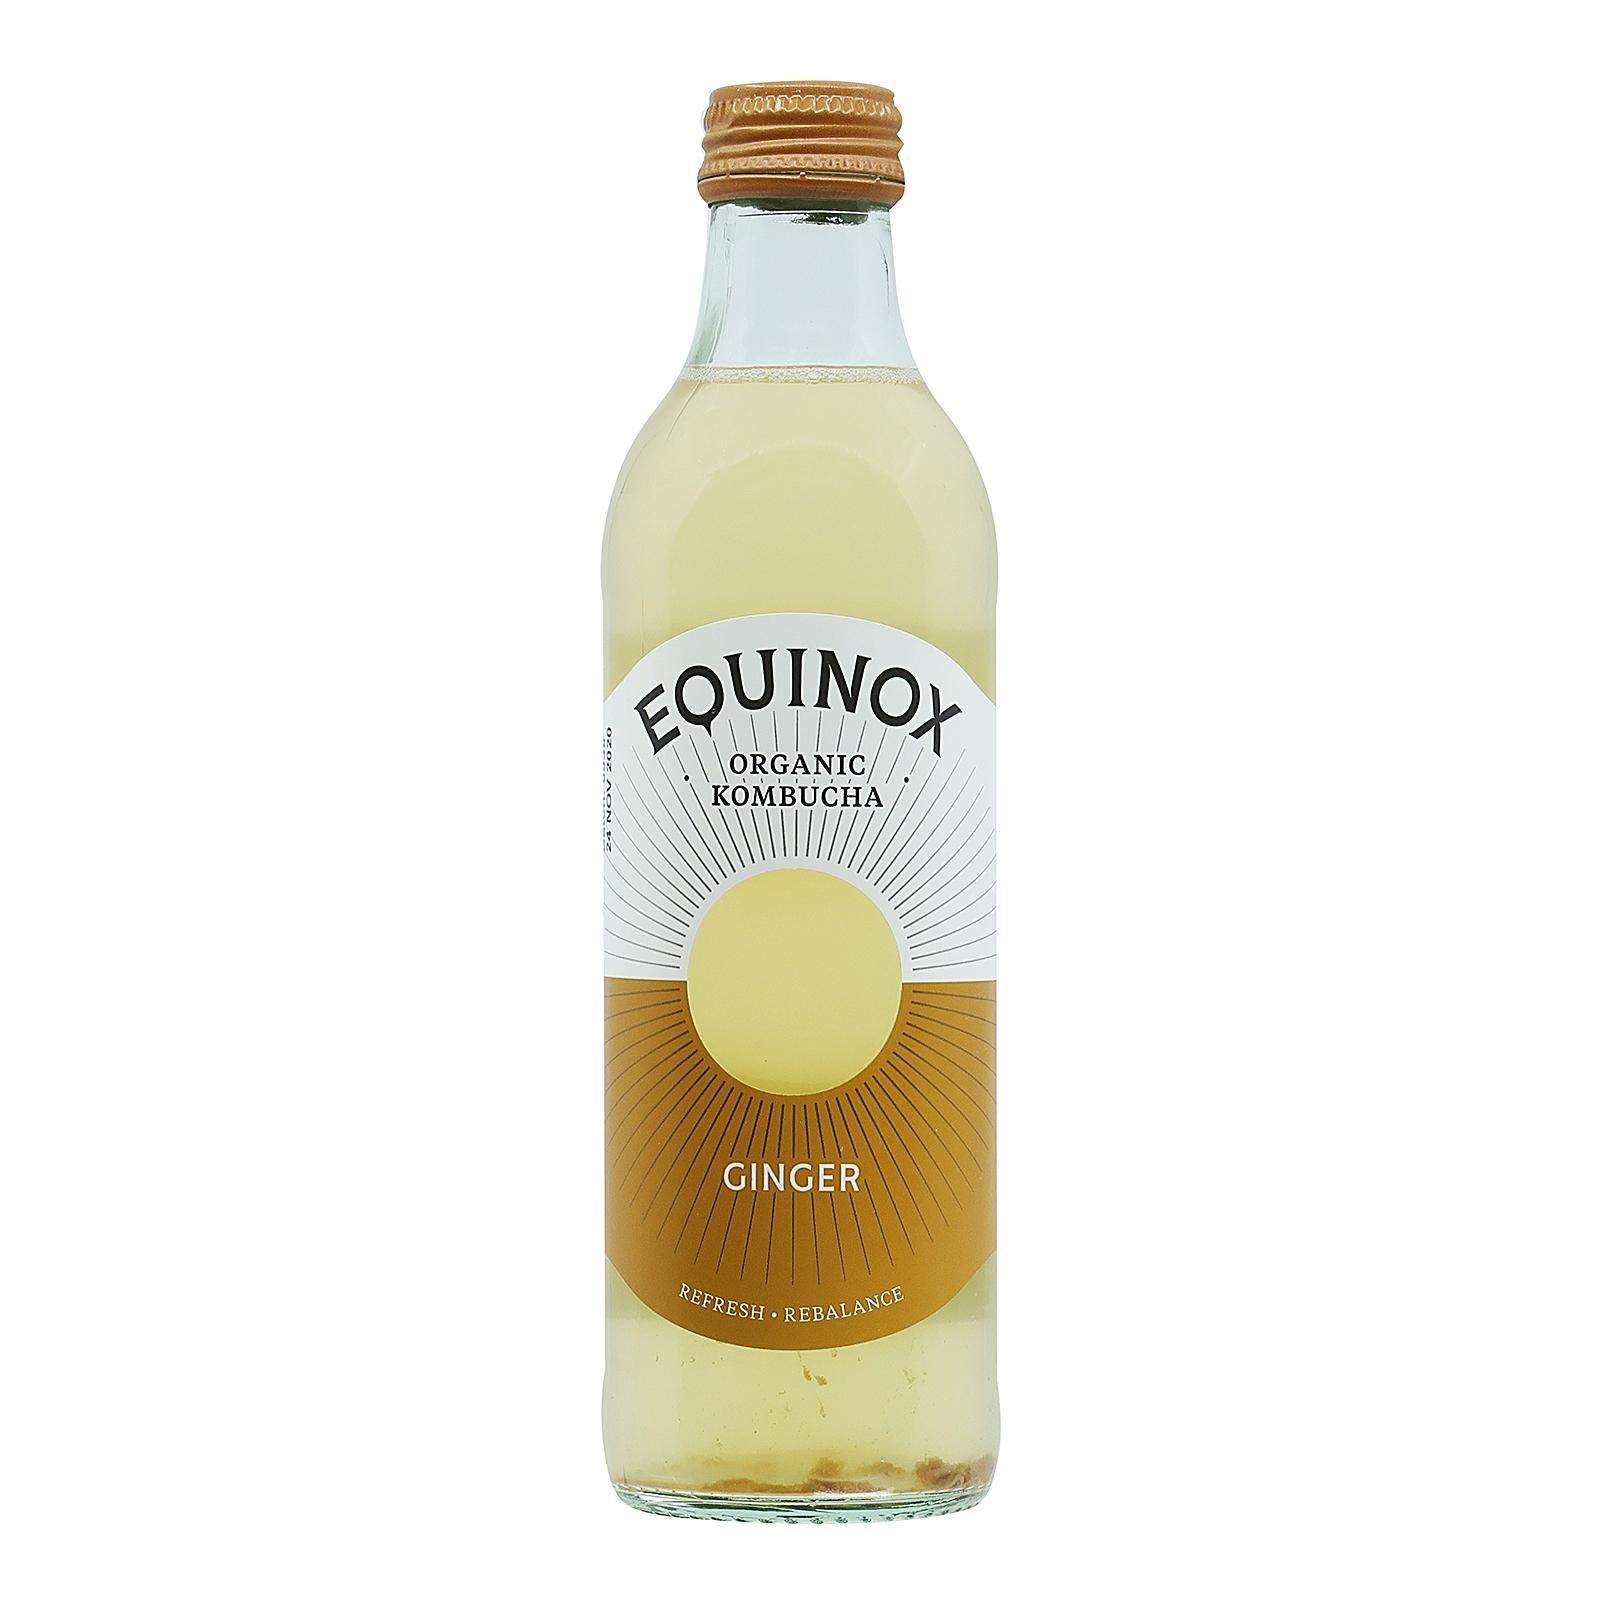 Equinox Organic Ginger Kombucha